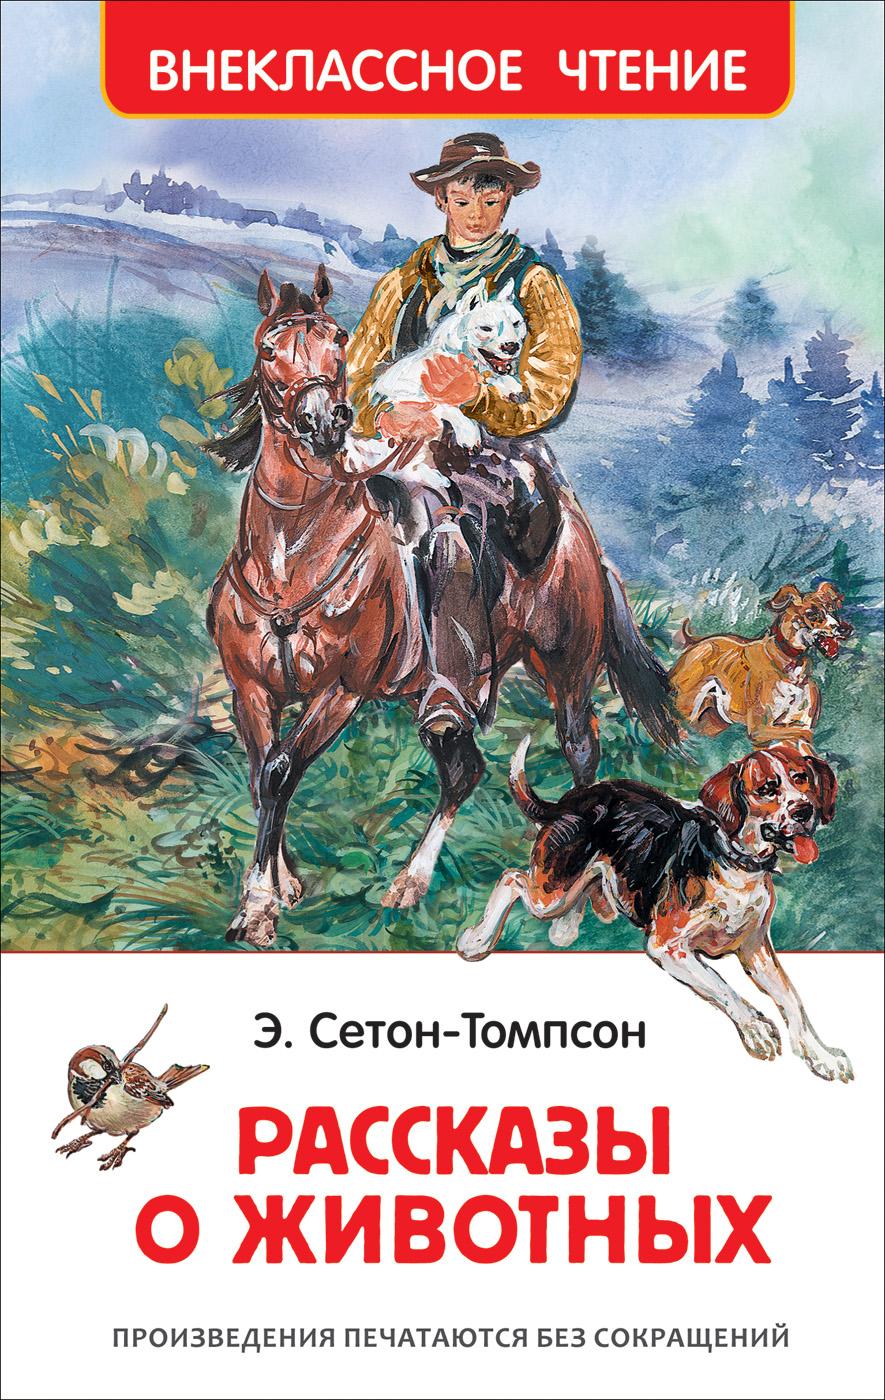 Сетон-Томпсон Э. Сетон-Томпсон Э. Рассказы о животных (ВЧ) э сетон томпсон д о кервуд рассказы о животных бродяги севера